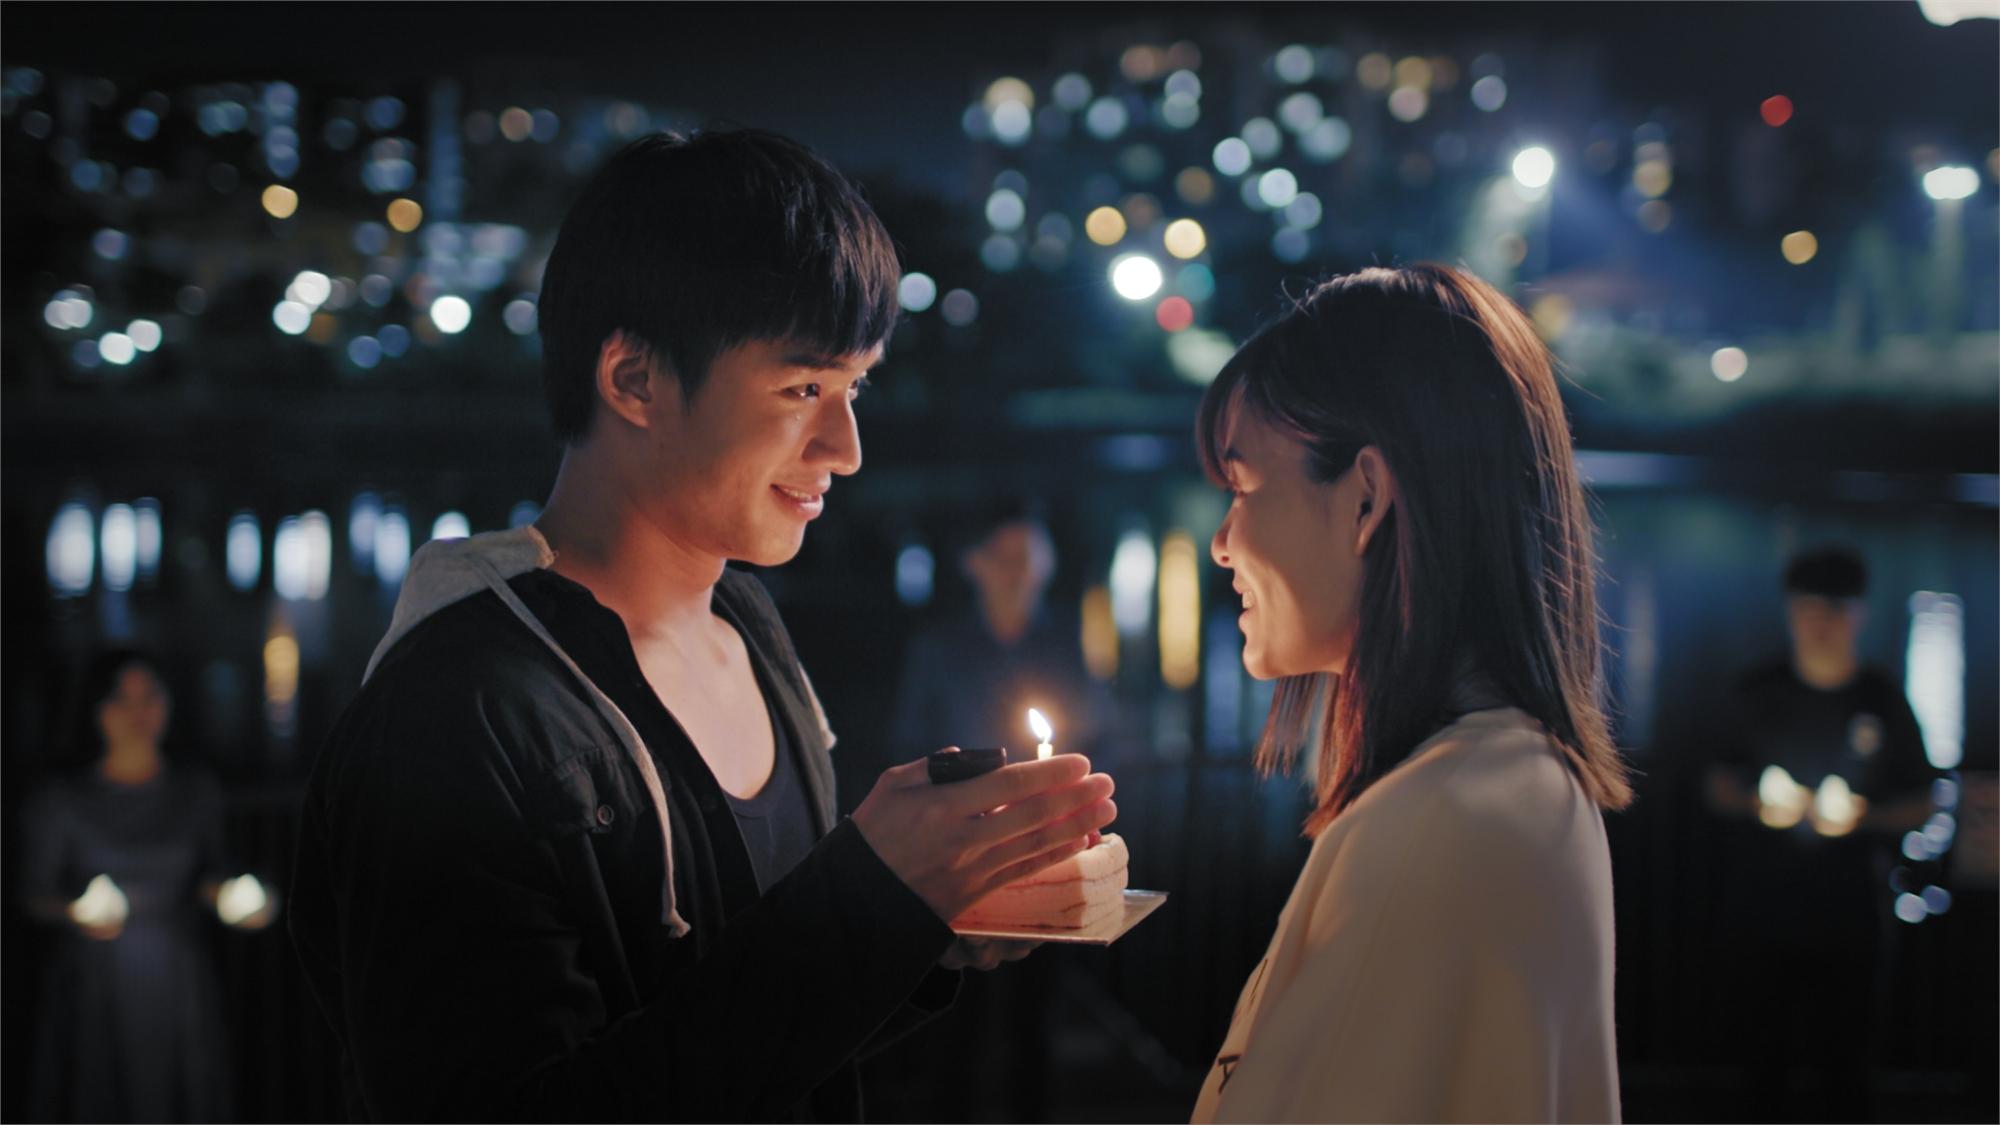 陈泽耀首演新加坡网剧 与陈楚寰上演人鬼恋